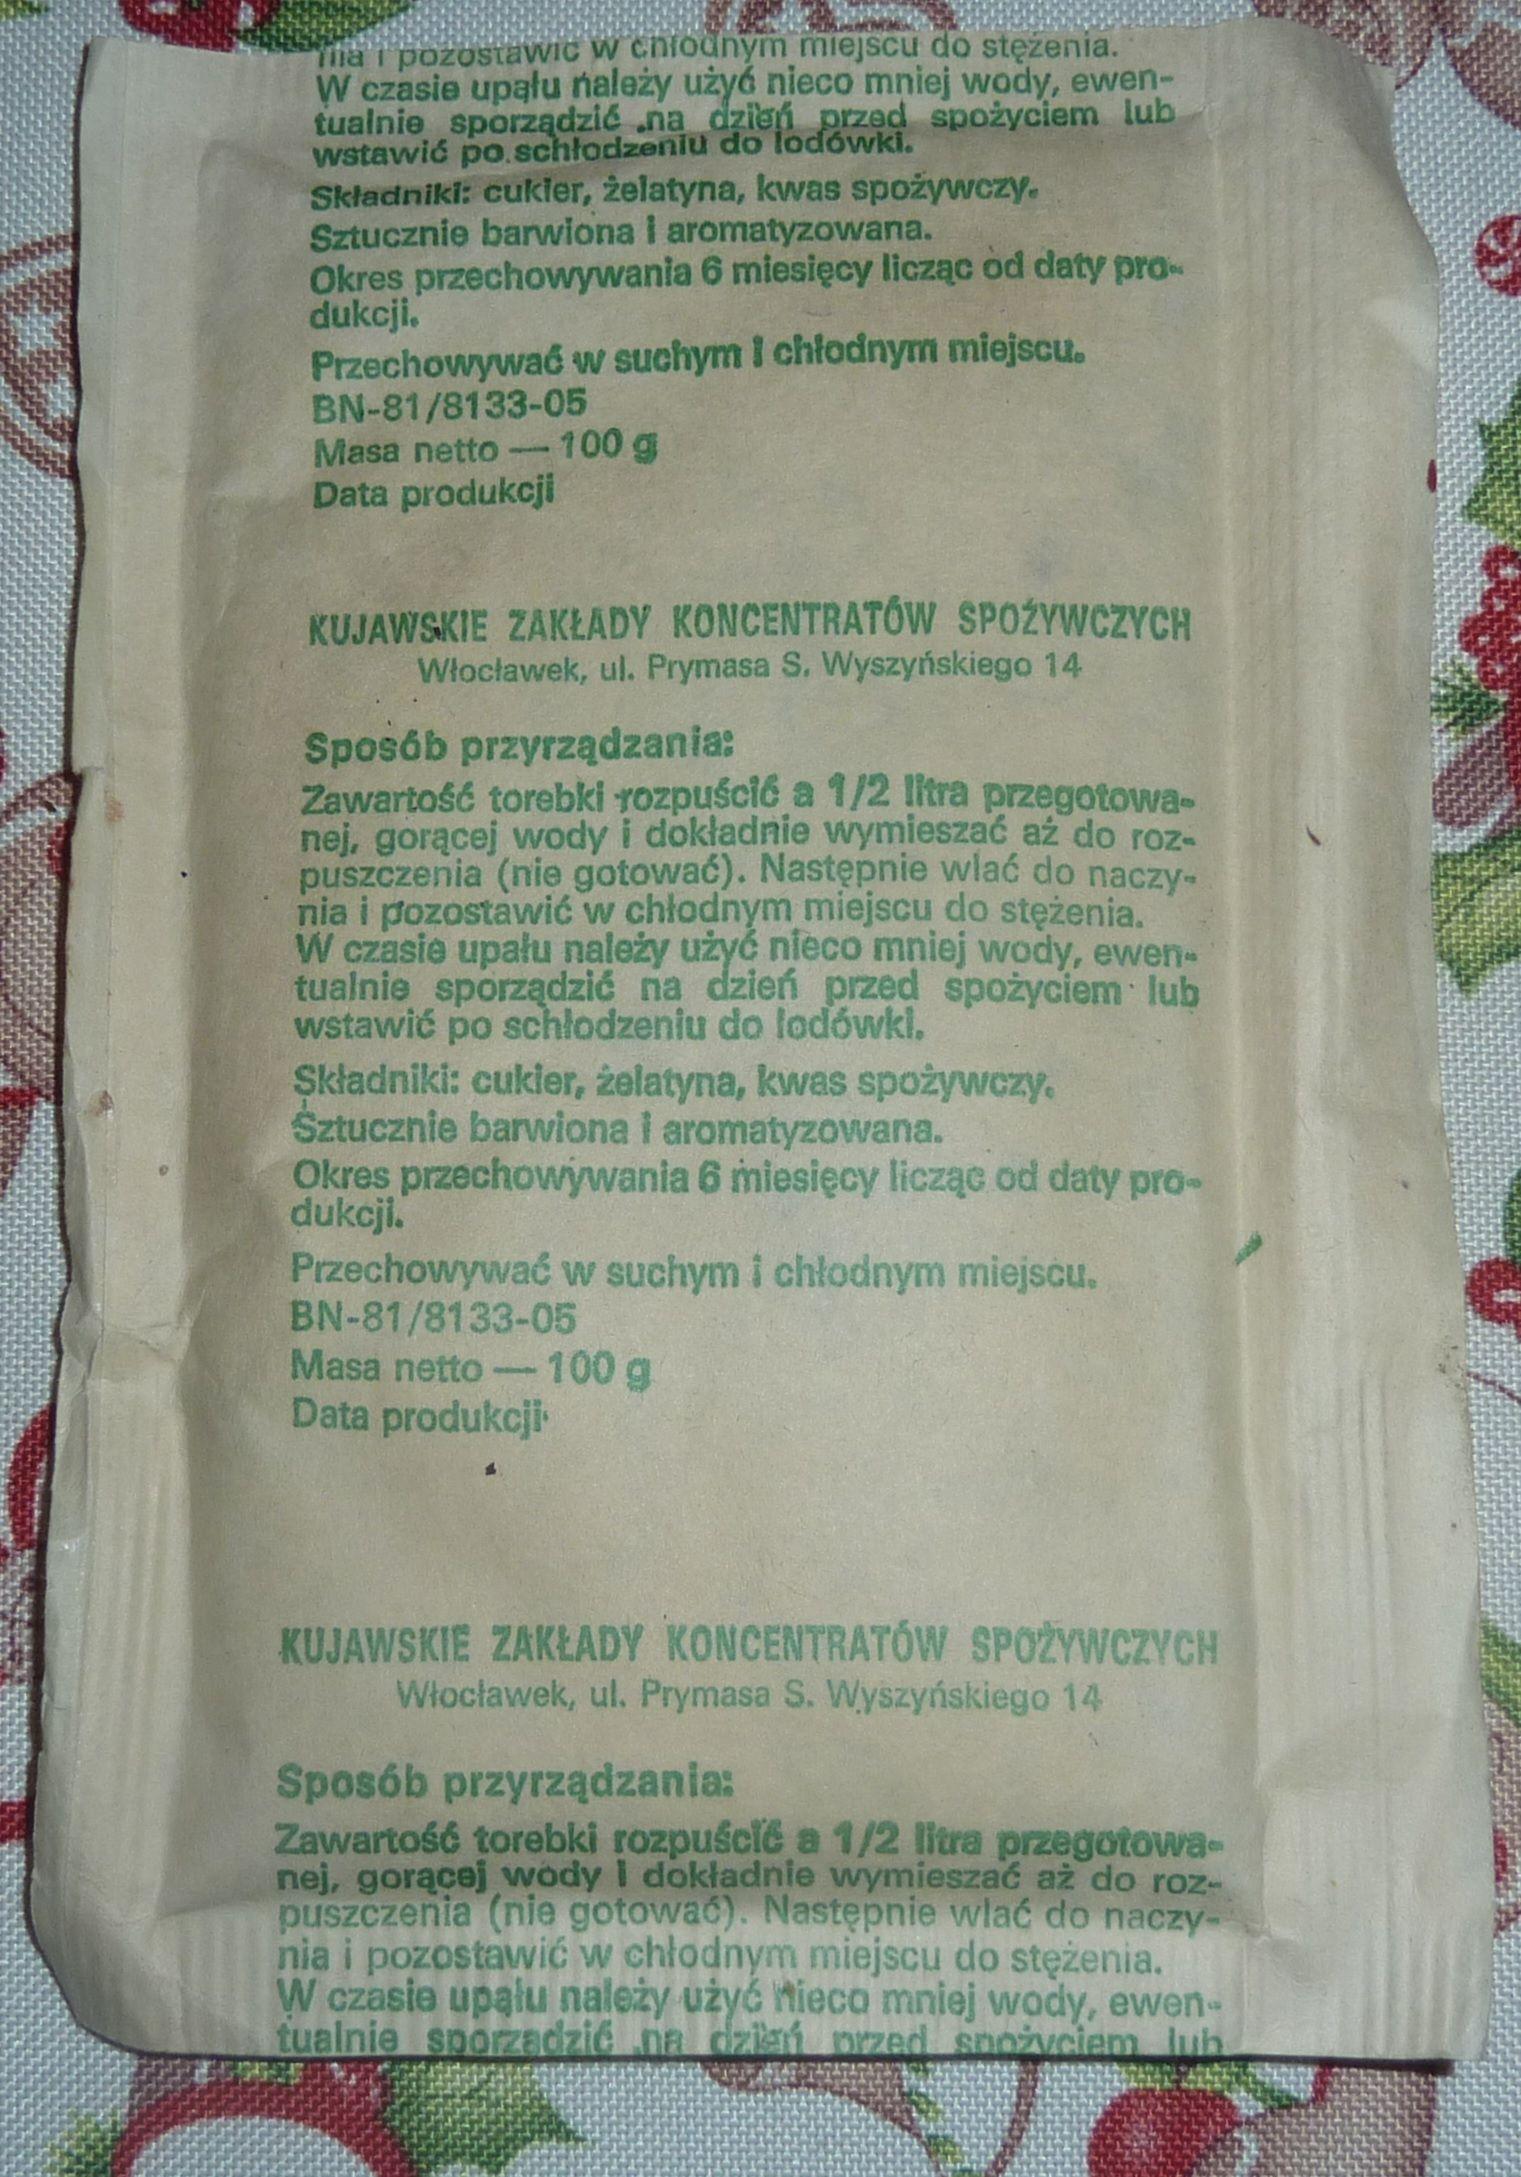 Prl Galaretka Owocowa Cytrynowa Z 1988 Roku Kujawy 6958212667 Oficjalne Archiwum Allegro Personalized Items